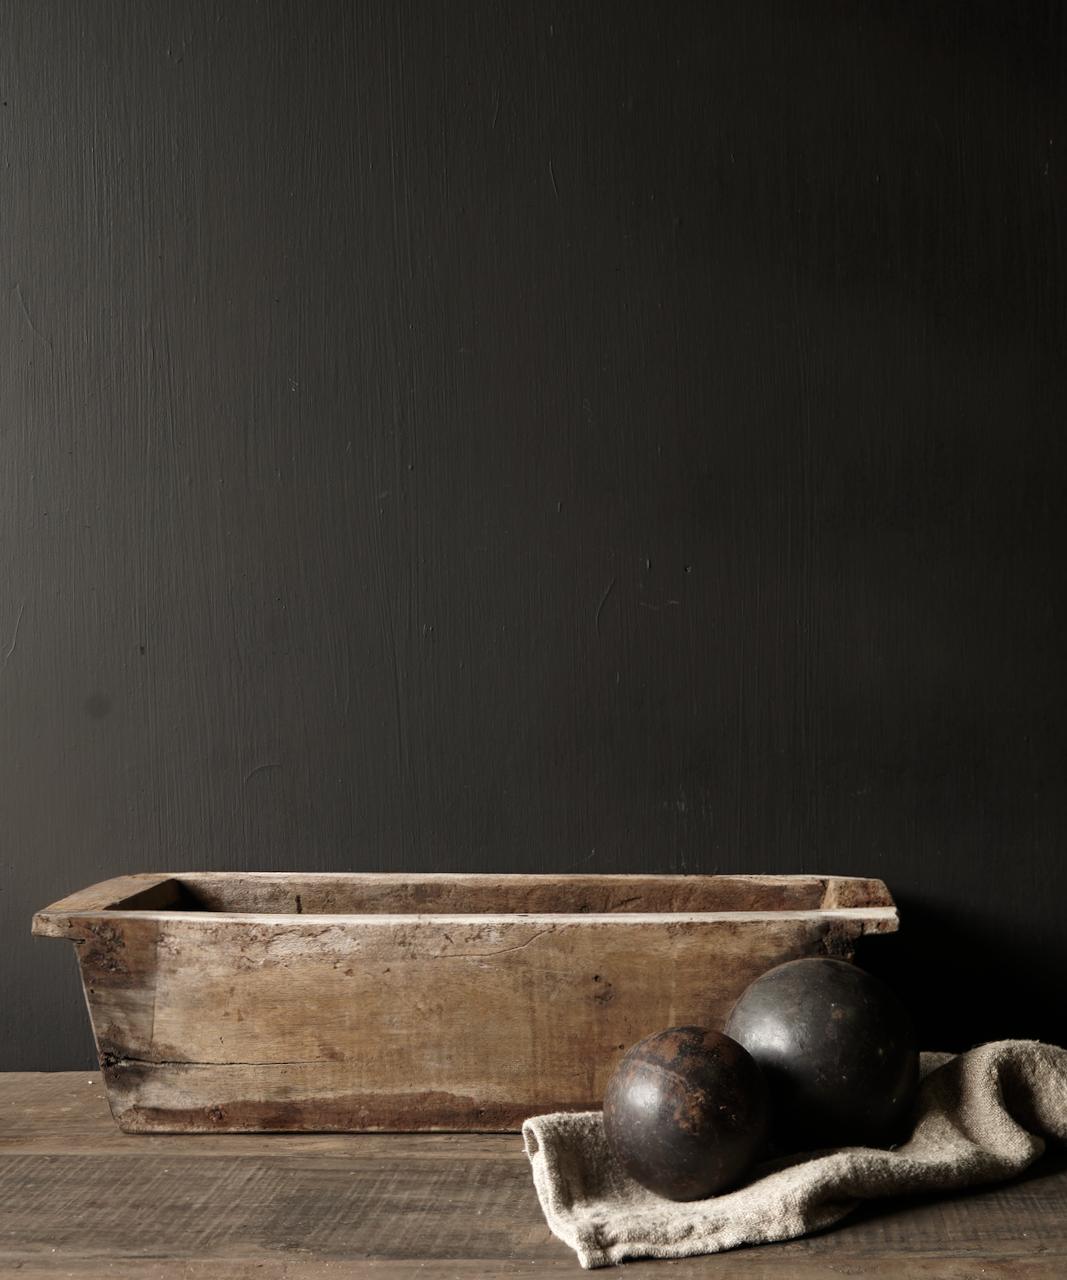 houten bak gemaakt van oud hout-1